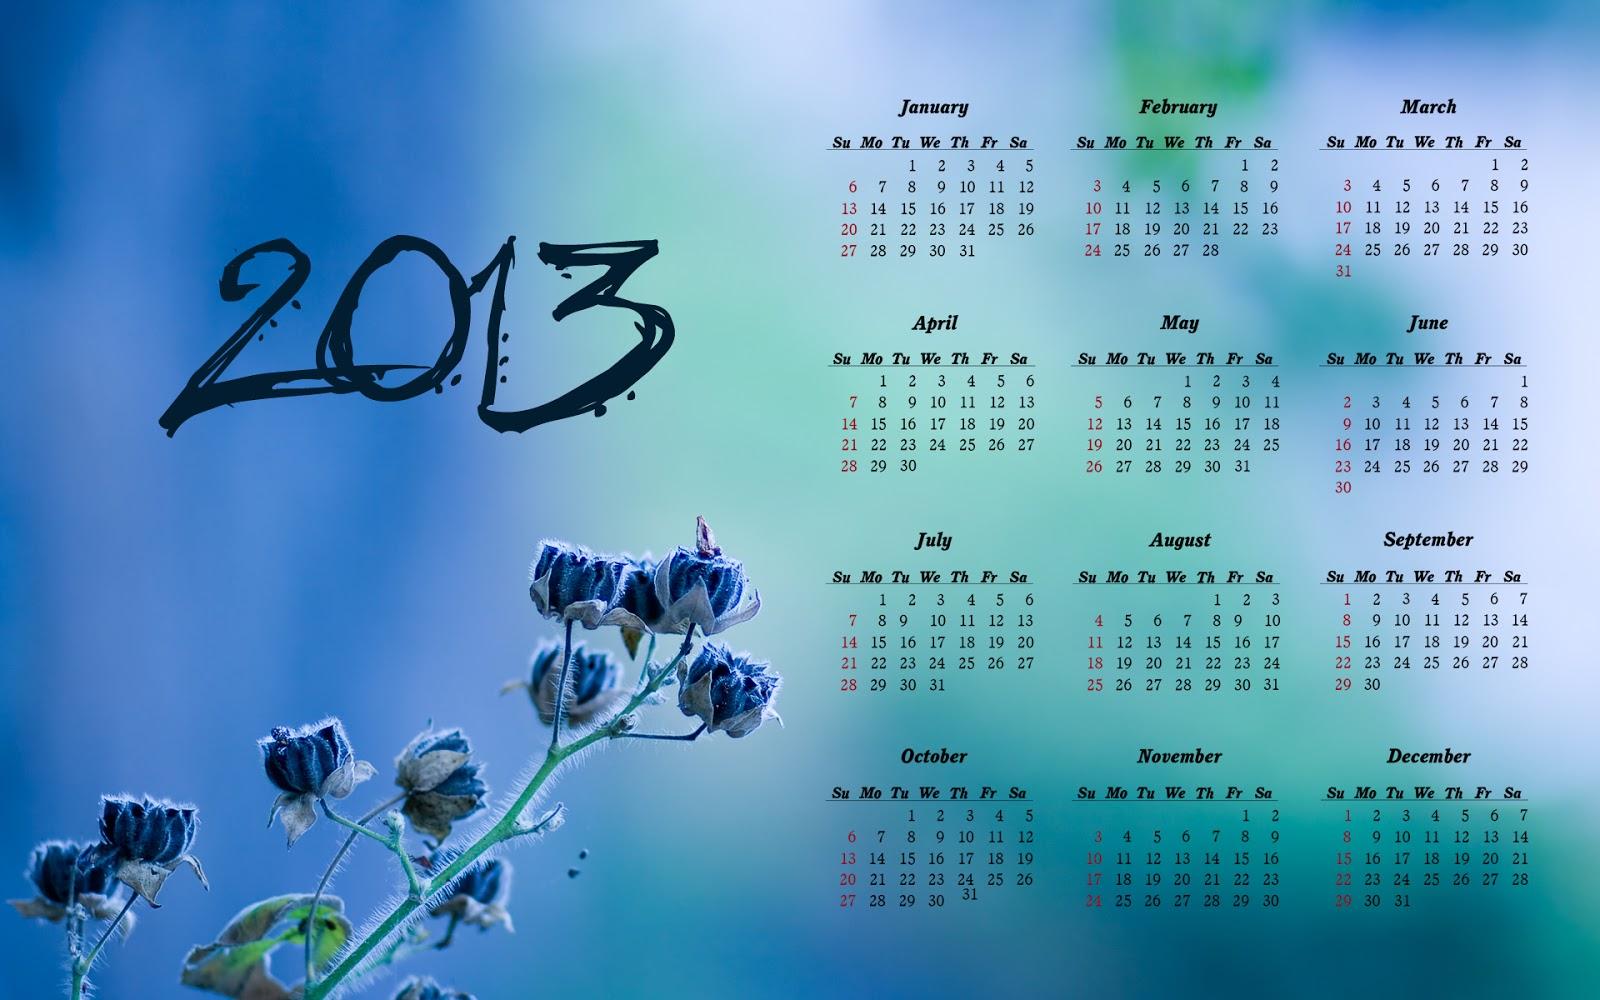 free desktop calendar 2013 november calendar august 2014 calendar 1600x1000